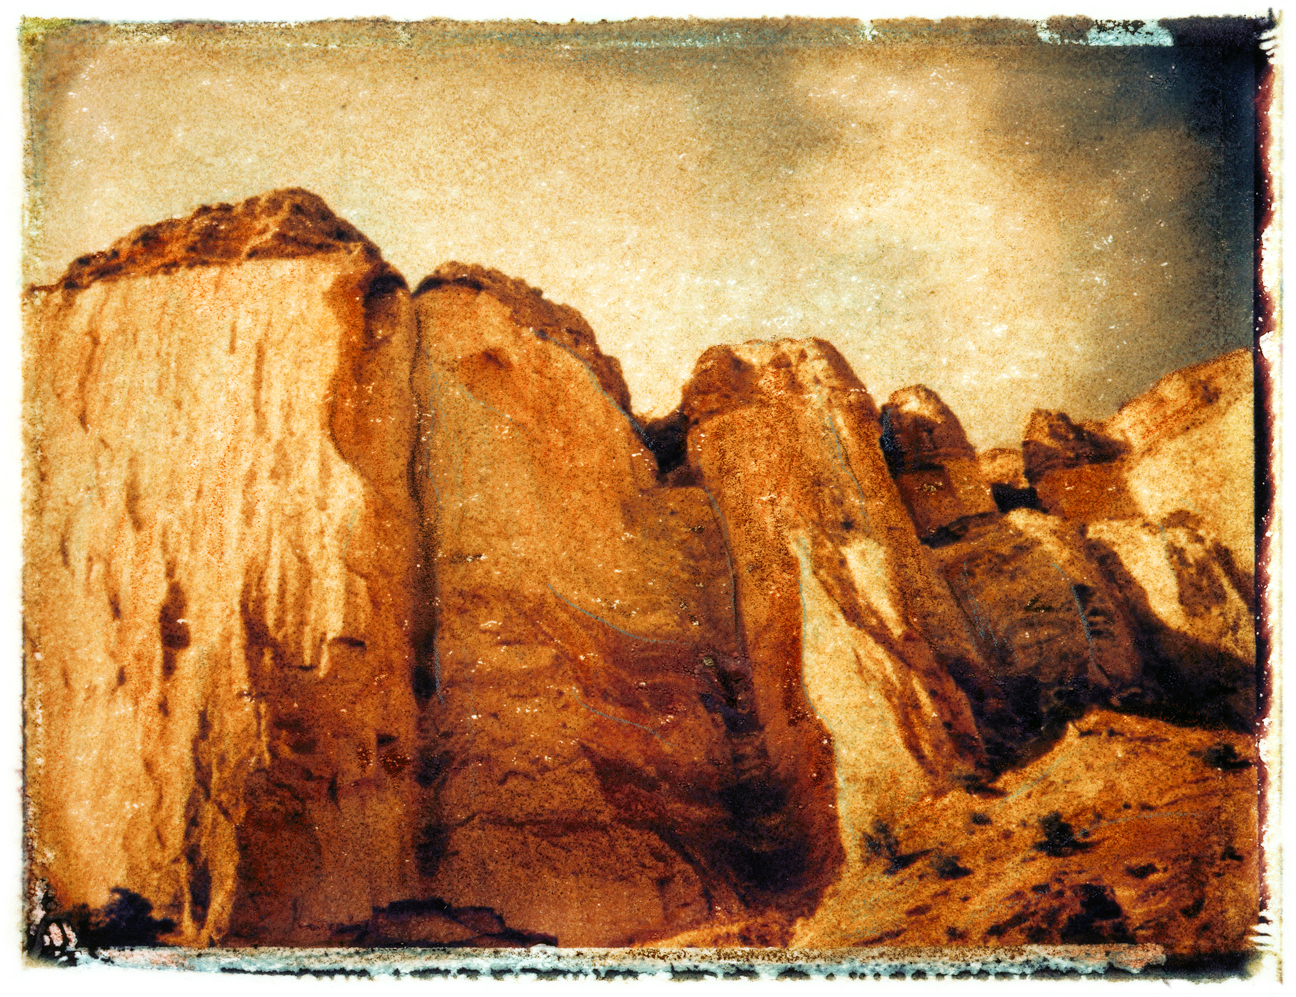 Echo Canyon, New Mexico